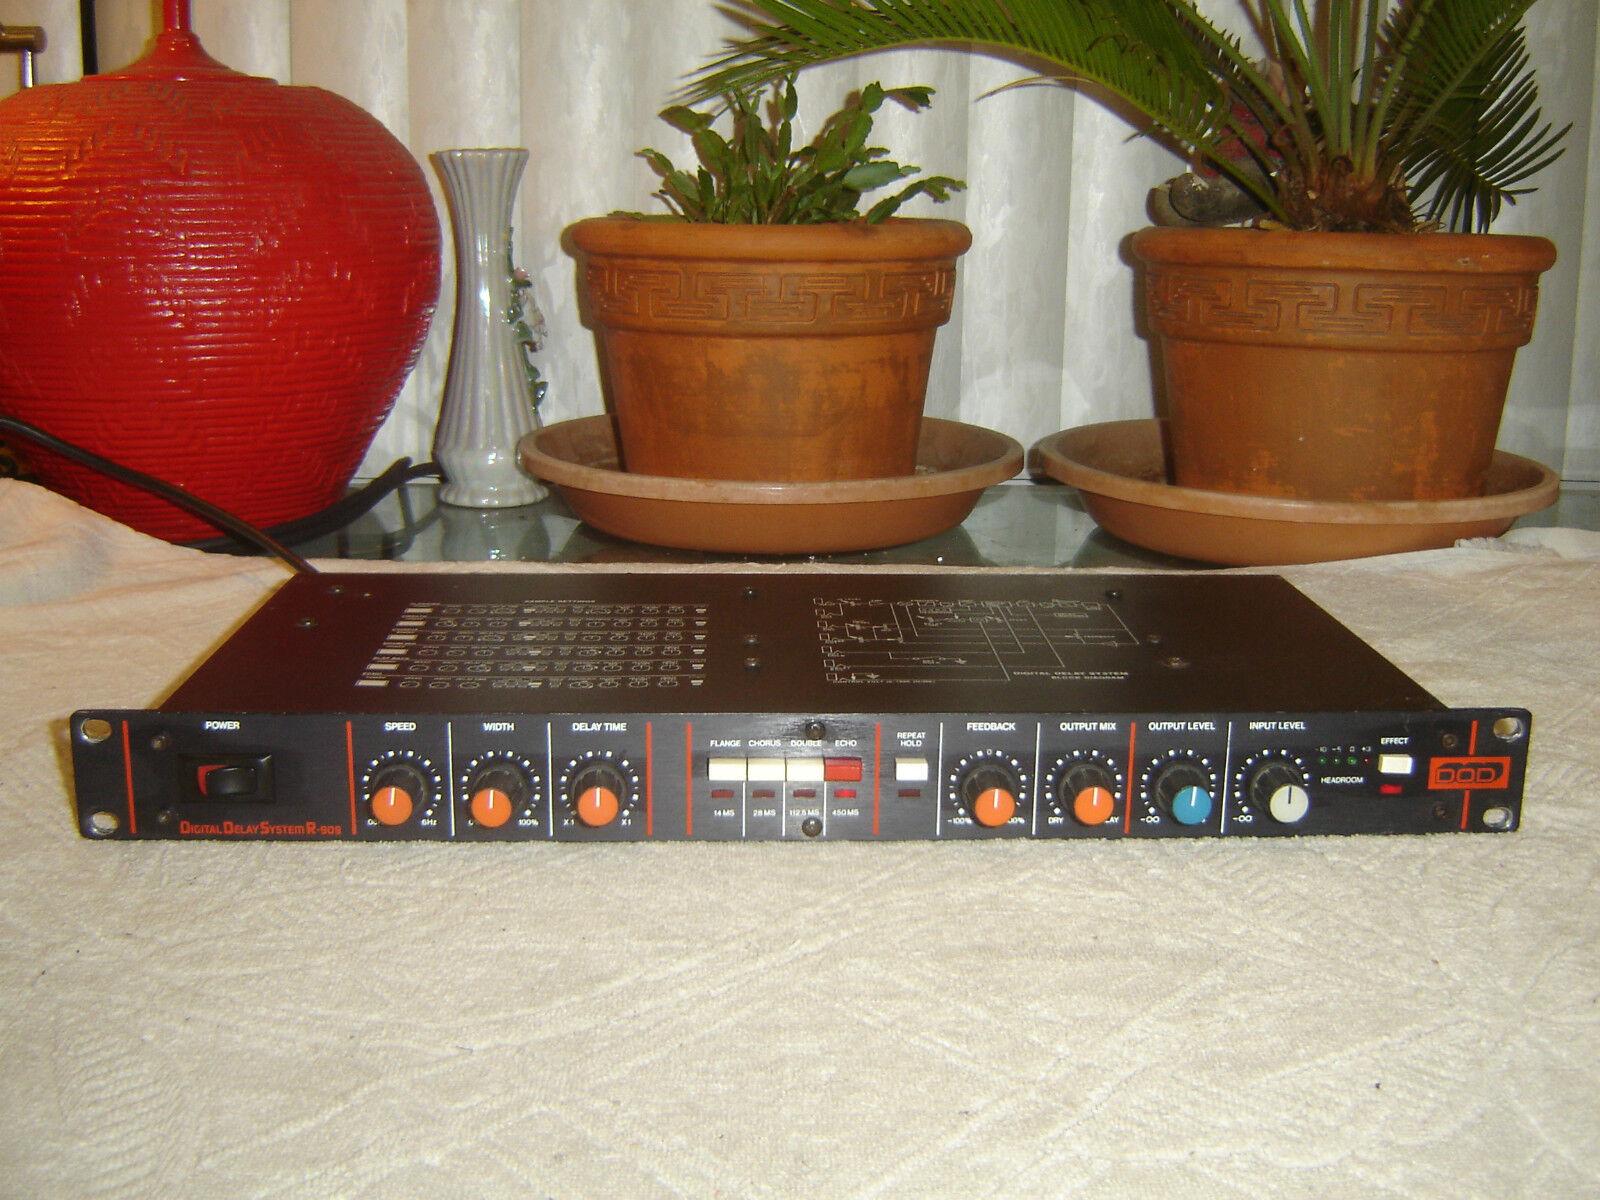 Dod r-909, Delay Digital sistema, sistema, sistema, ECHO, Doble, coro, flanger, Vintage Rack  calidad auténtica